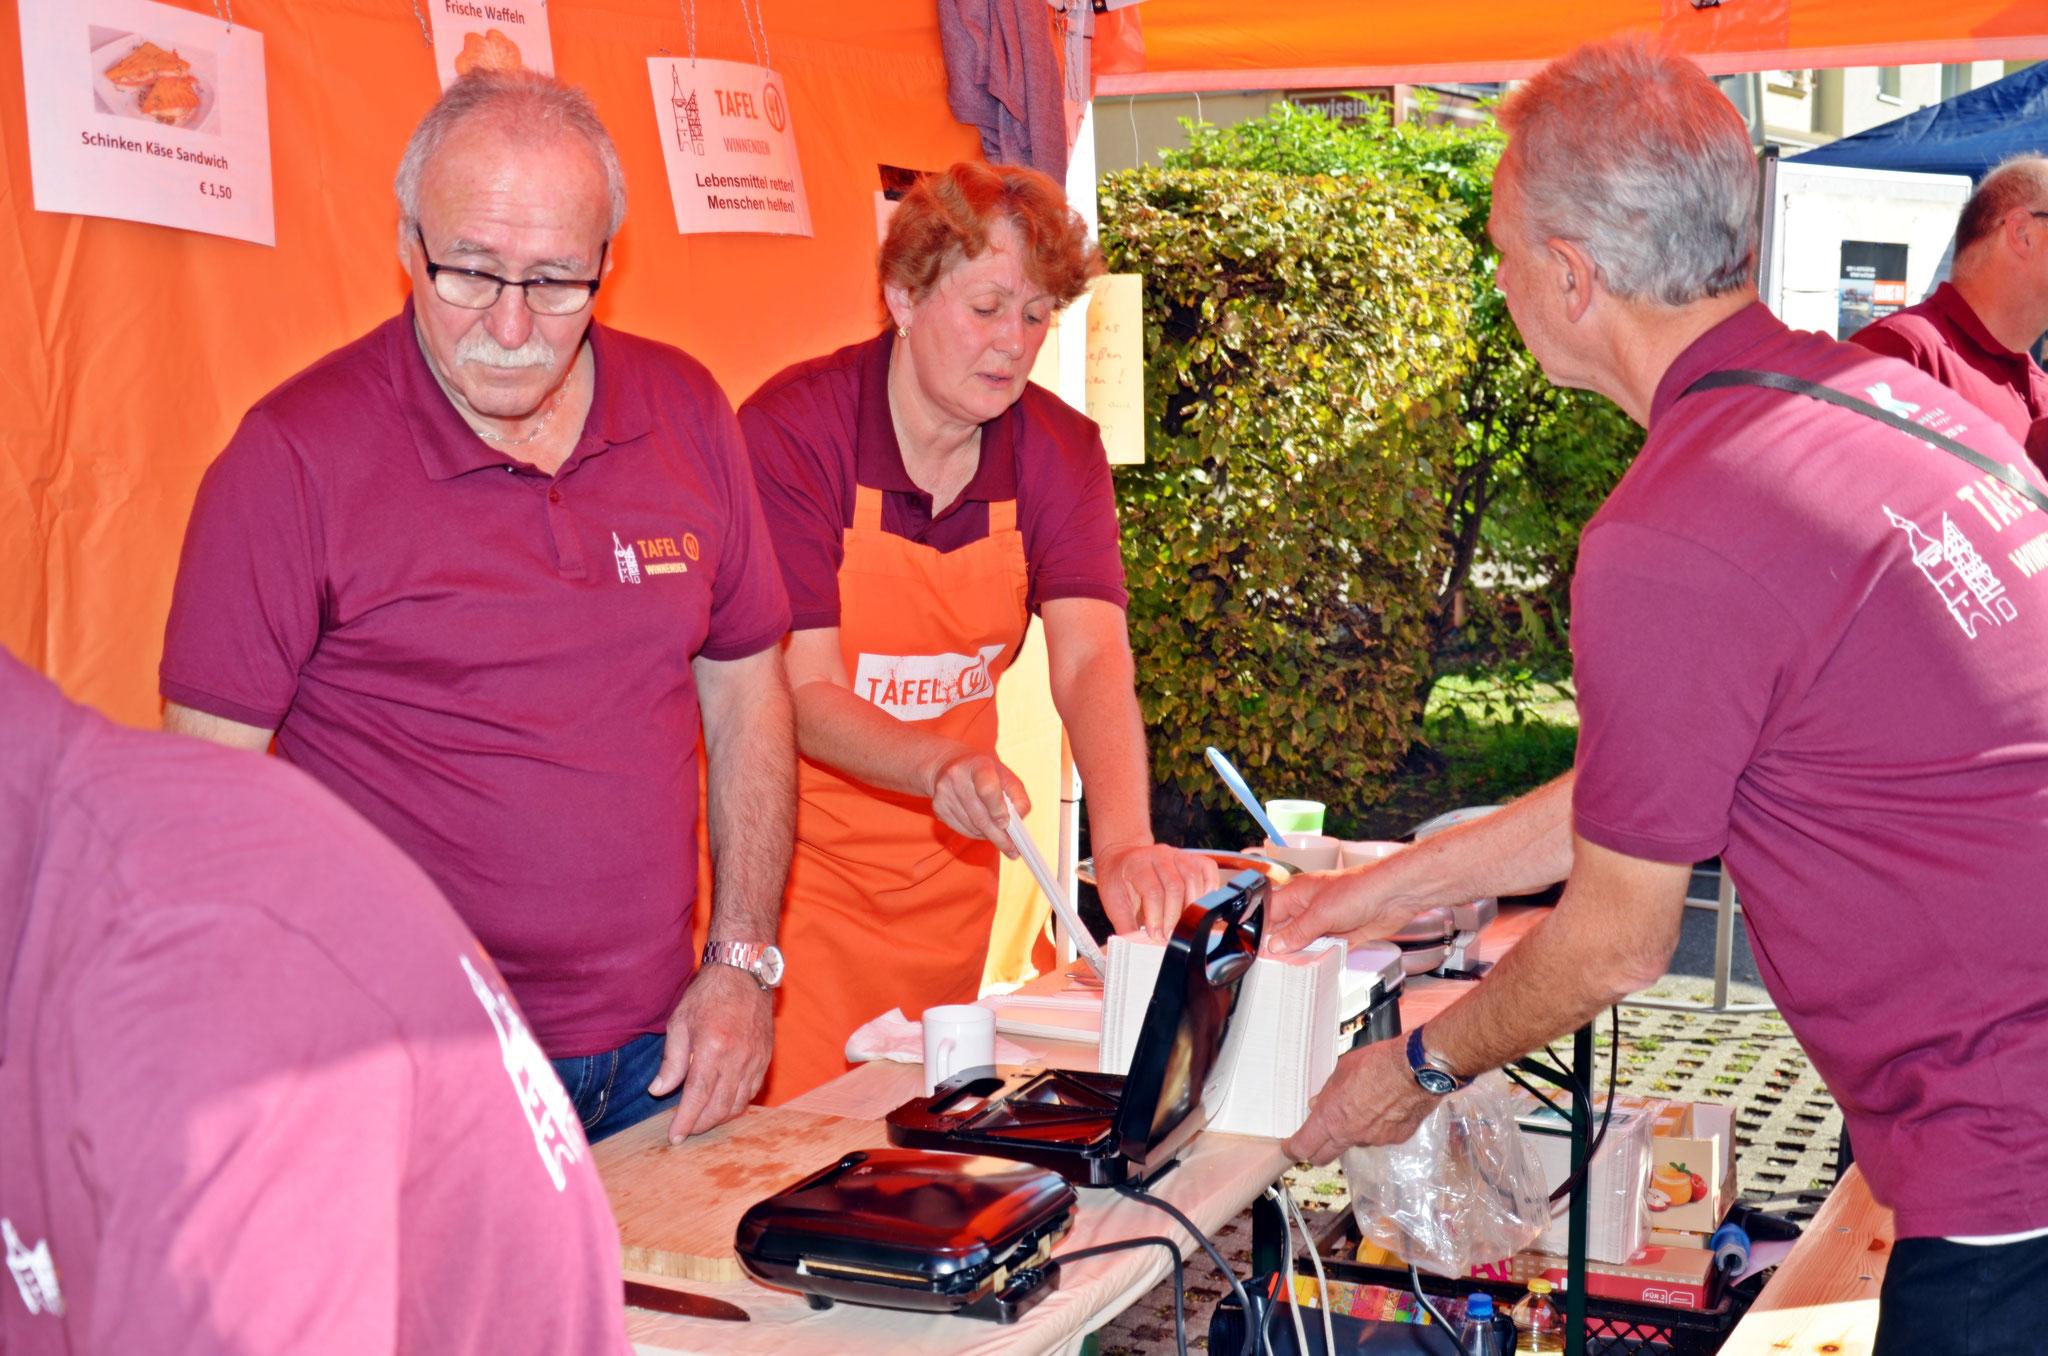 Bürgerstiftung Winnenden unterstützt großartig - ! DANKE !  -  INFO-Stand mit lecker Waffel-Verkauf